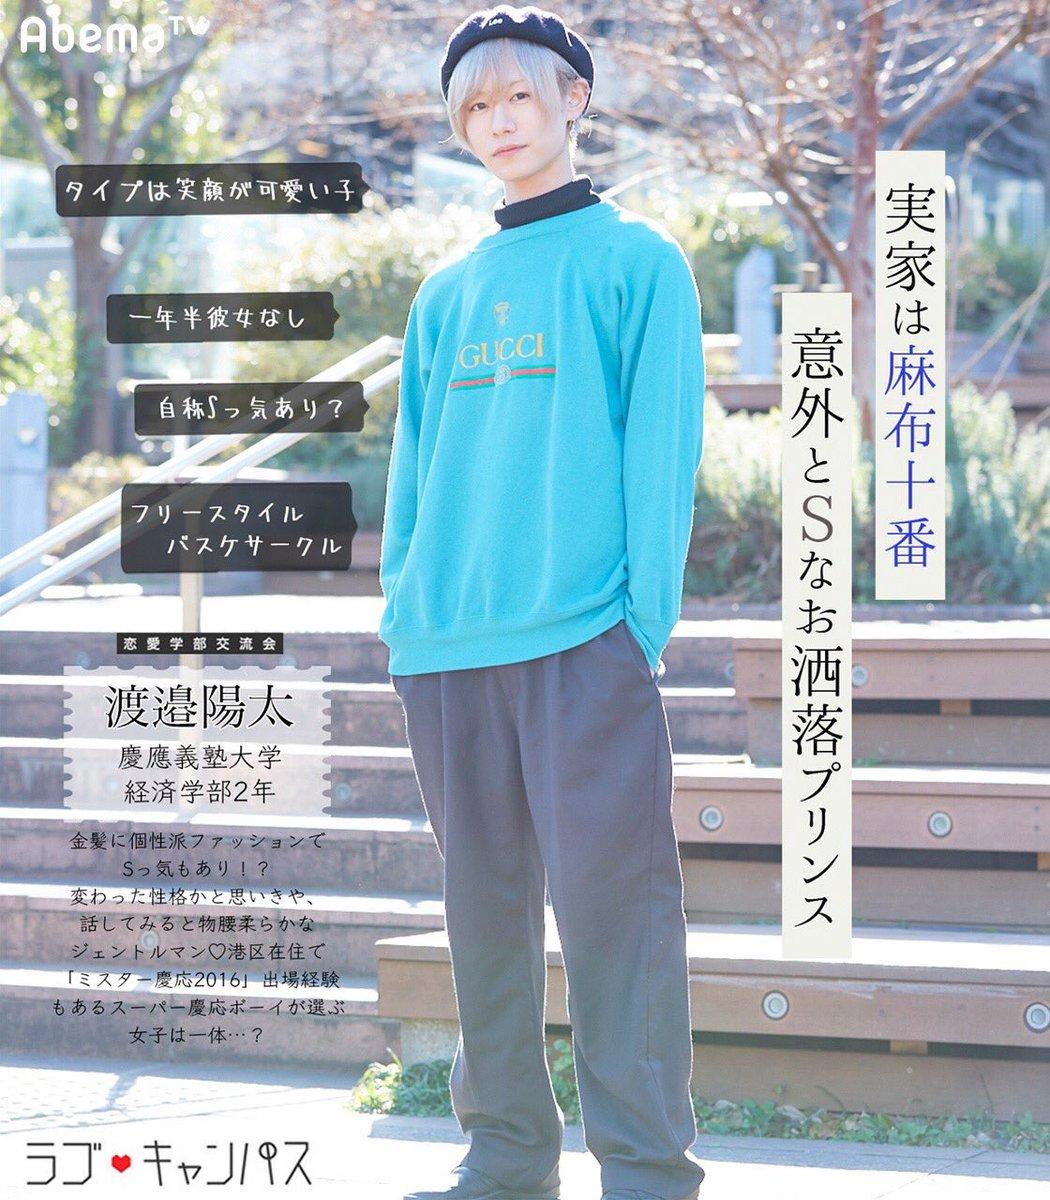 23【ミスター強盗傷害変態強姦魔渡辺陽太渡邉陽太】整形疑惑!